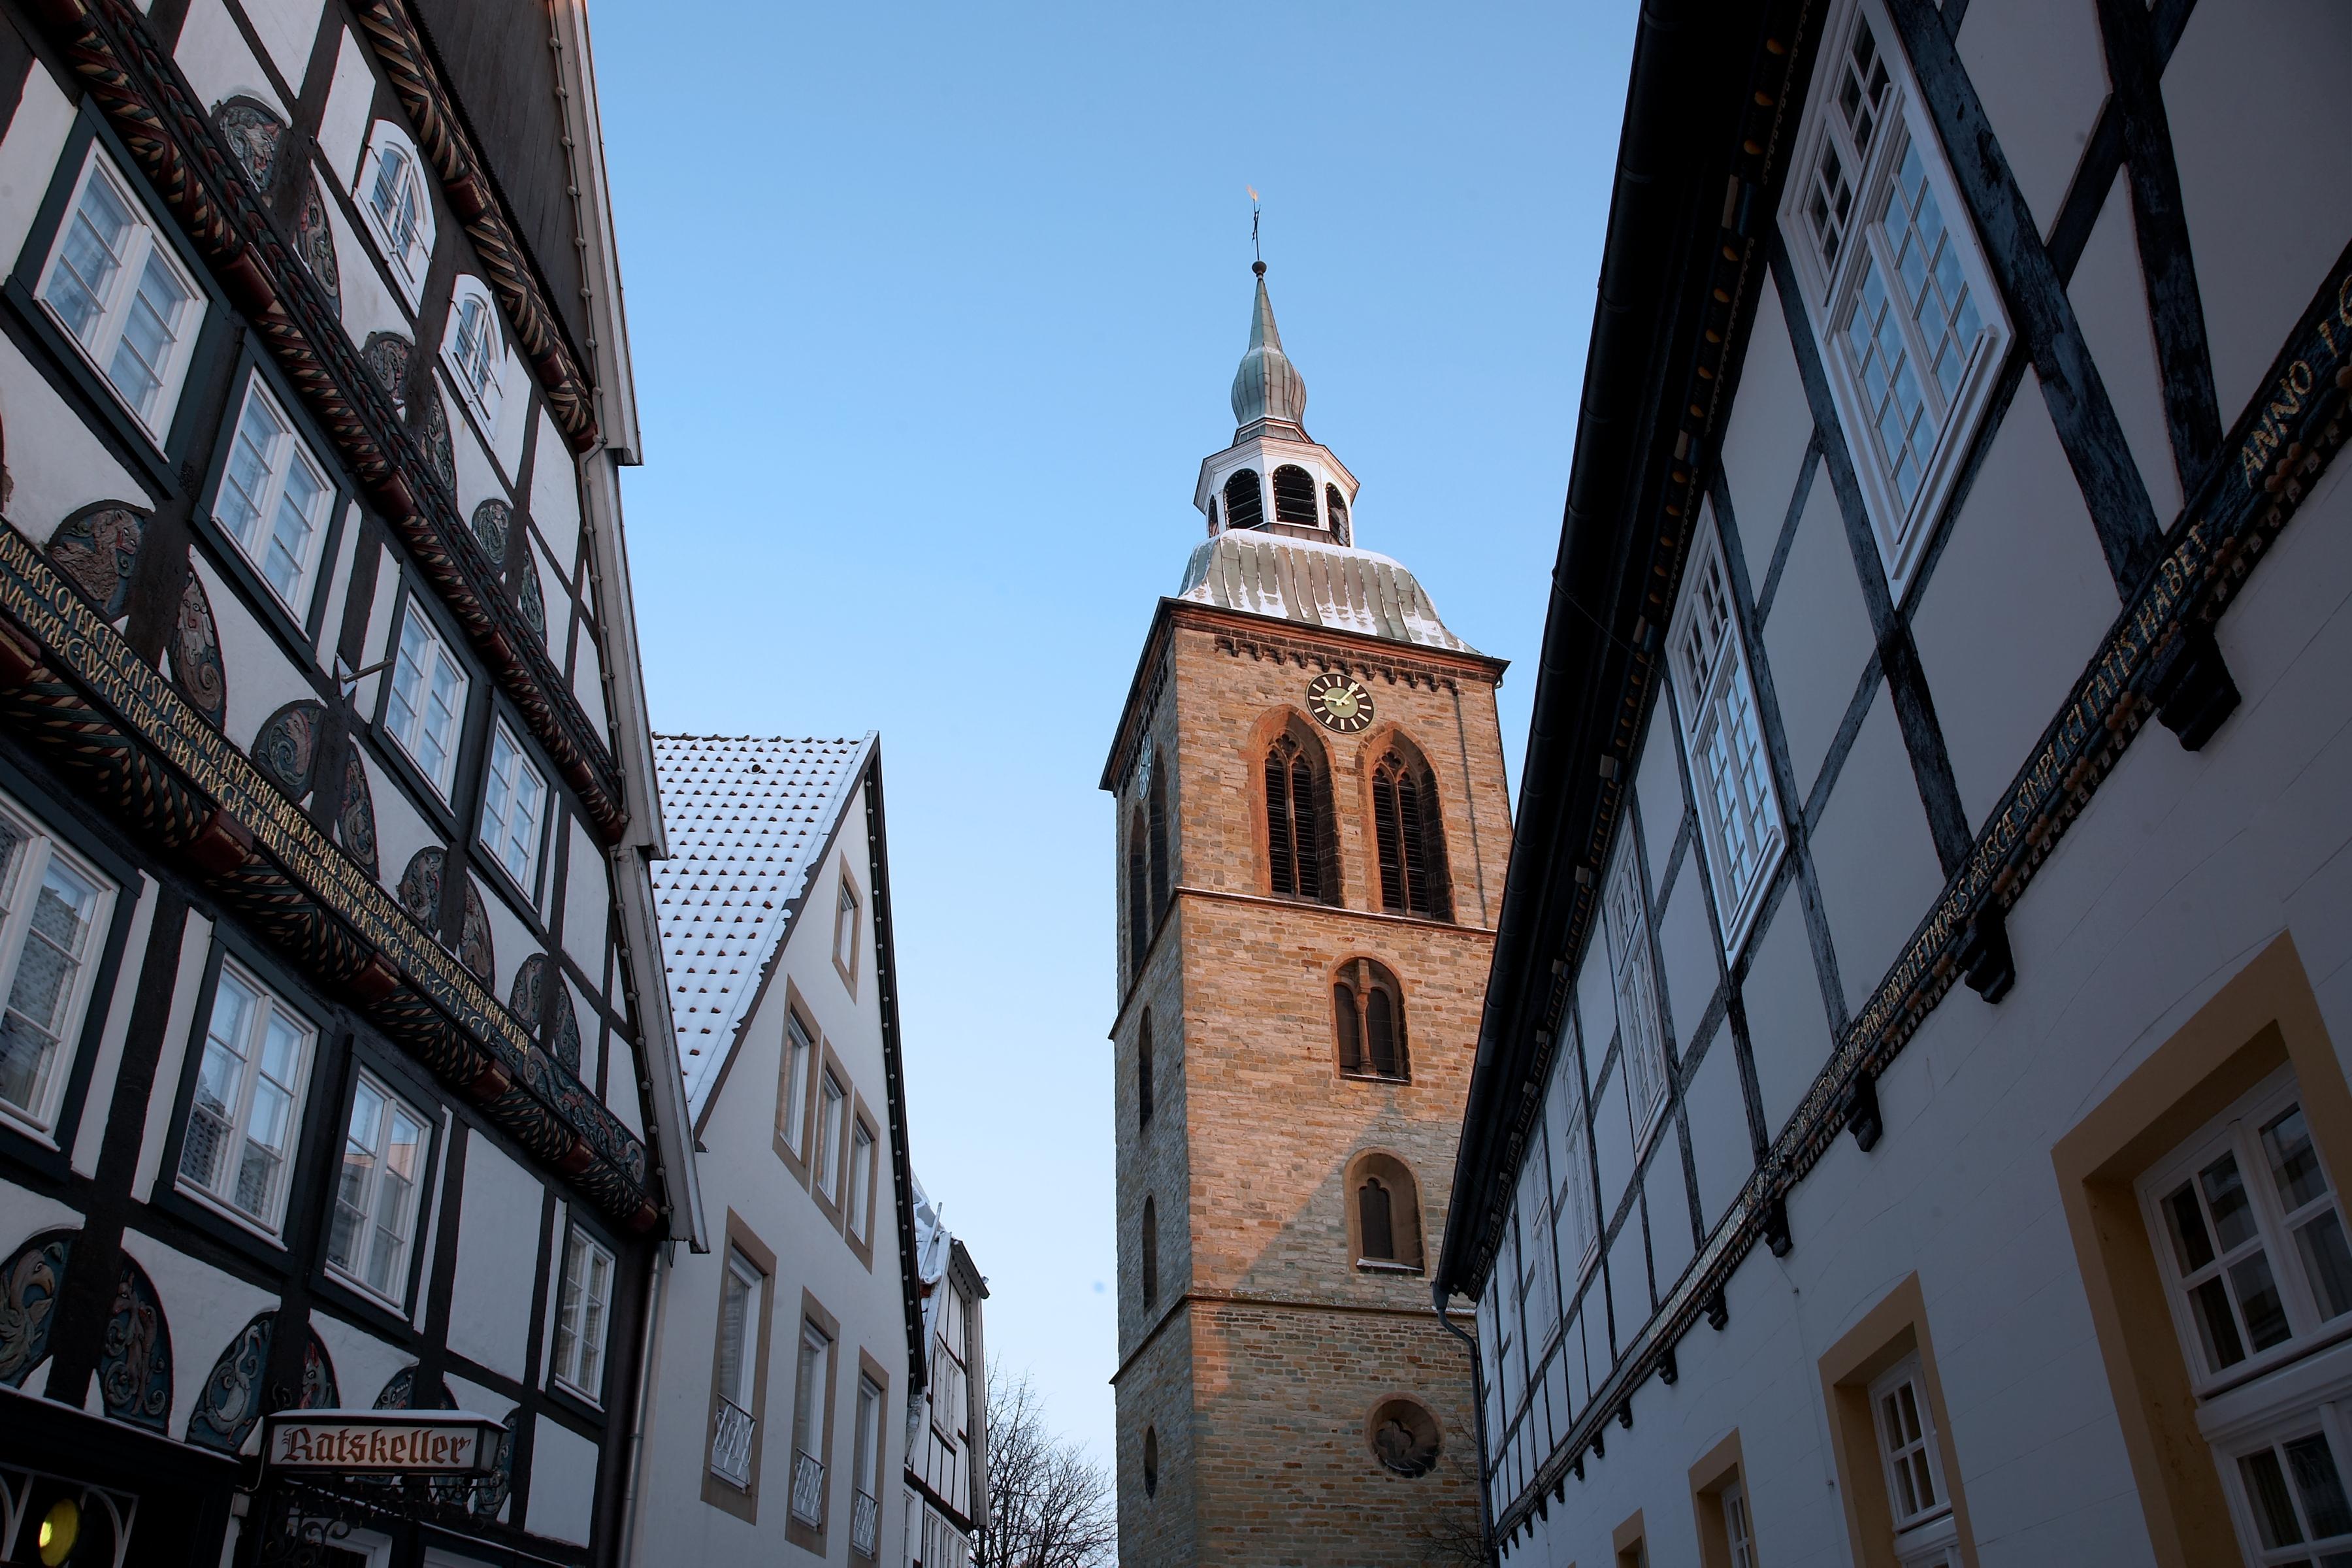 Aegidiuskirche